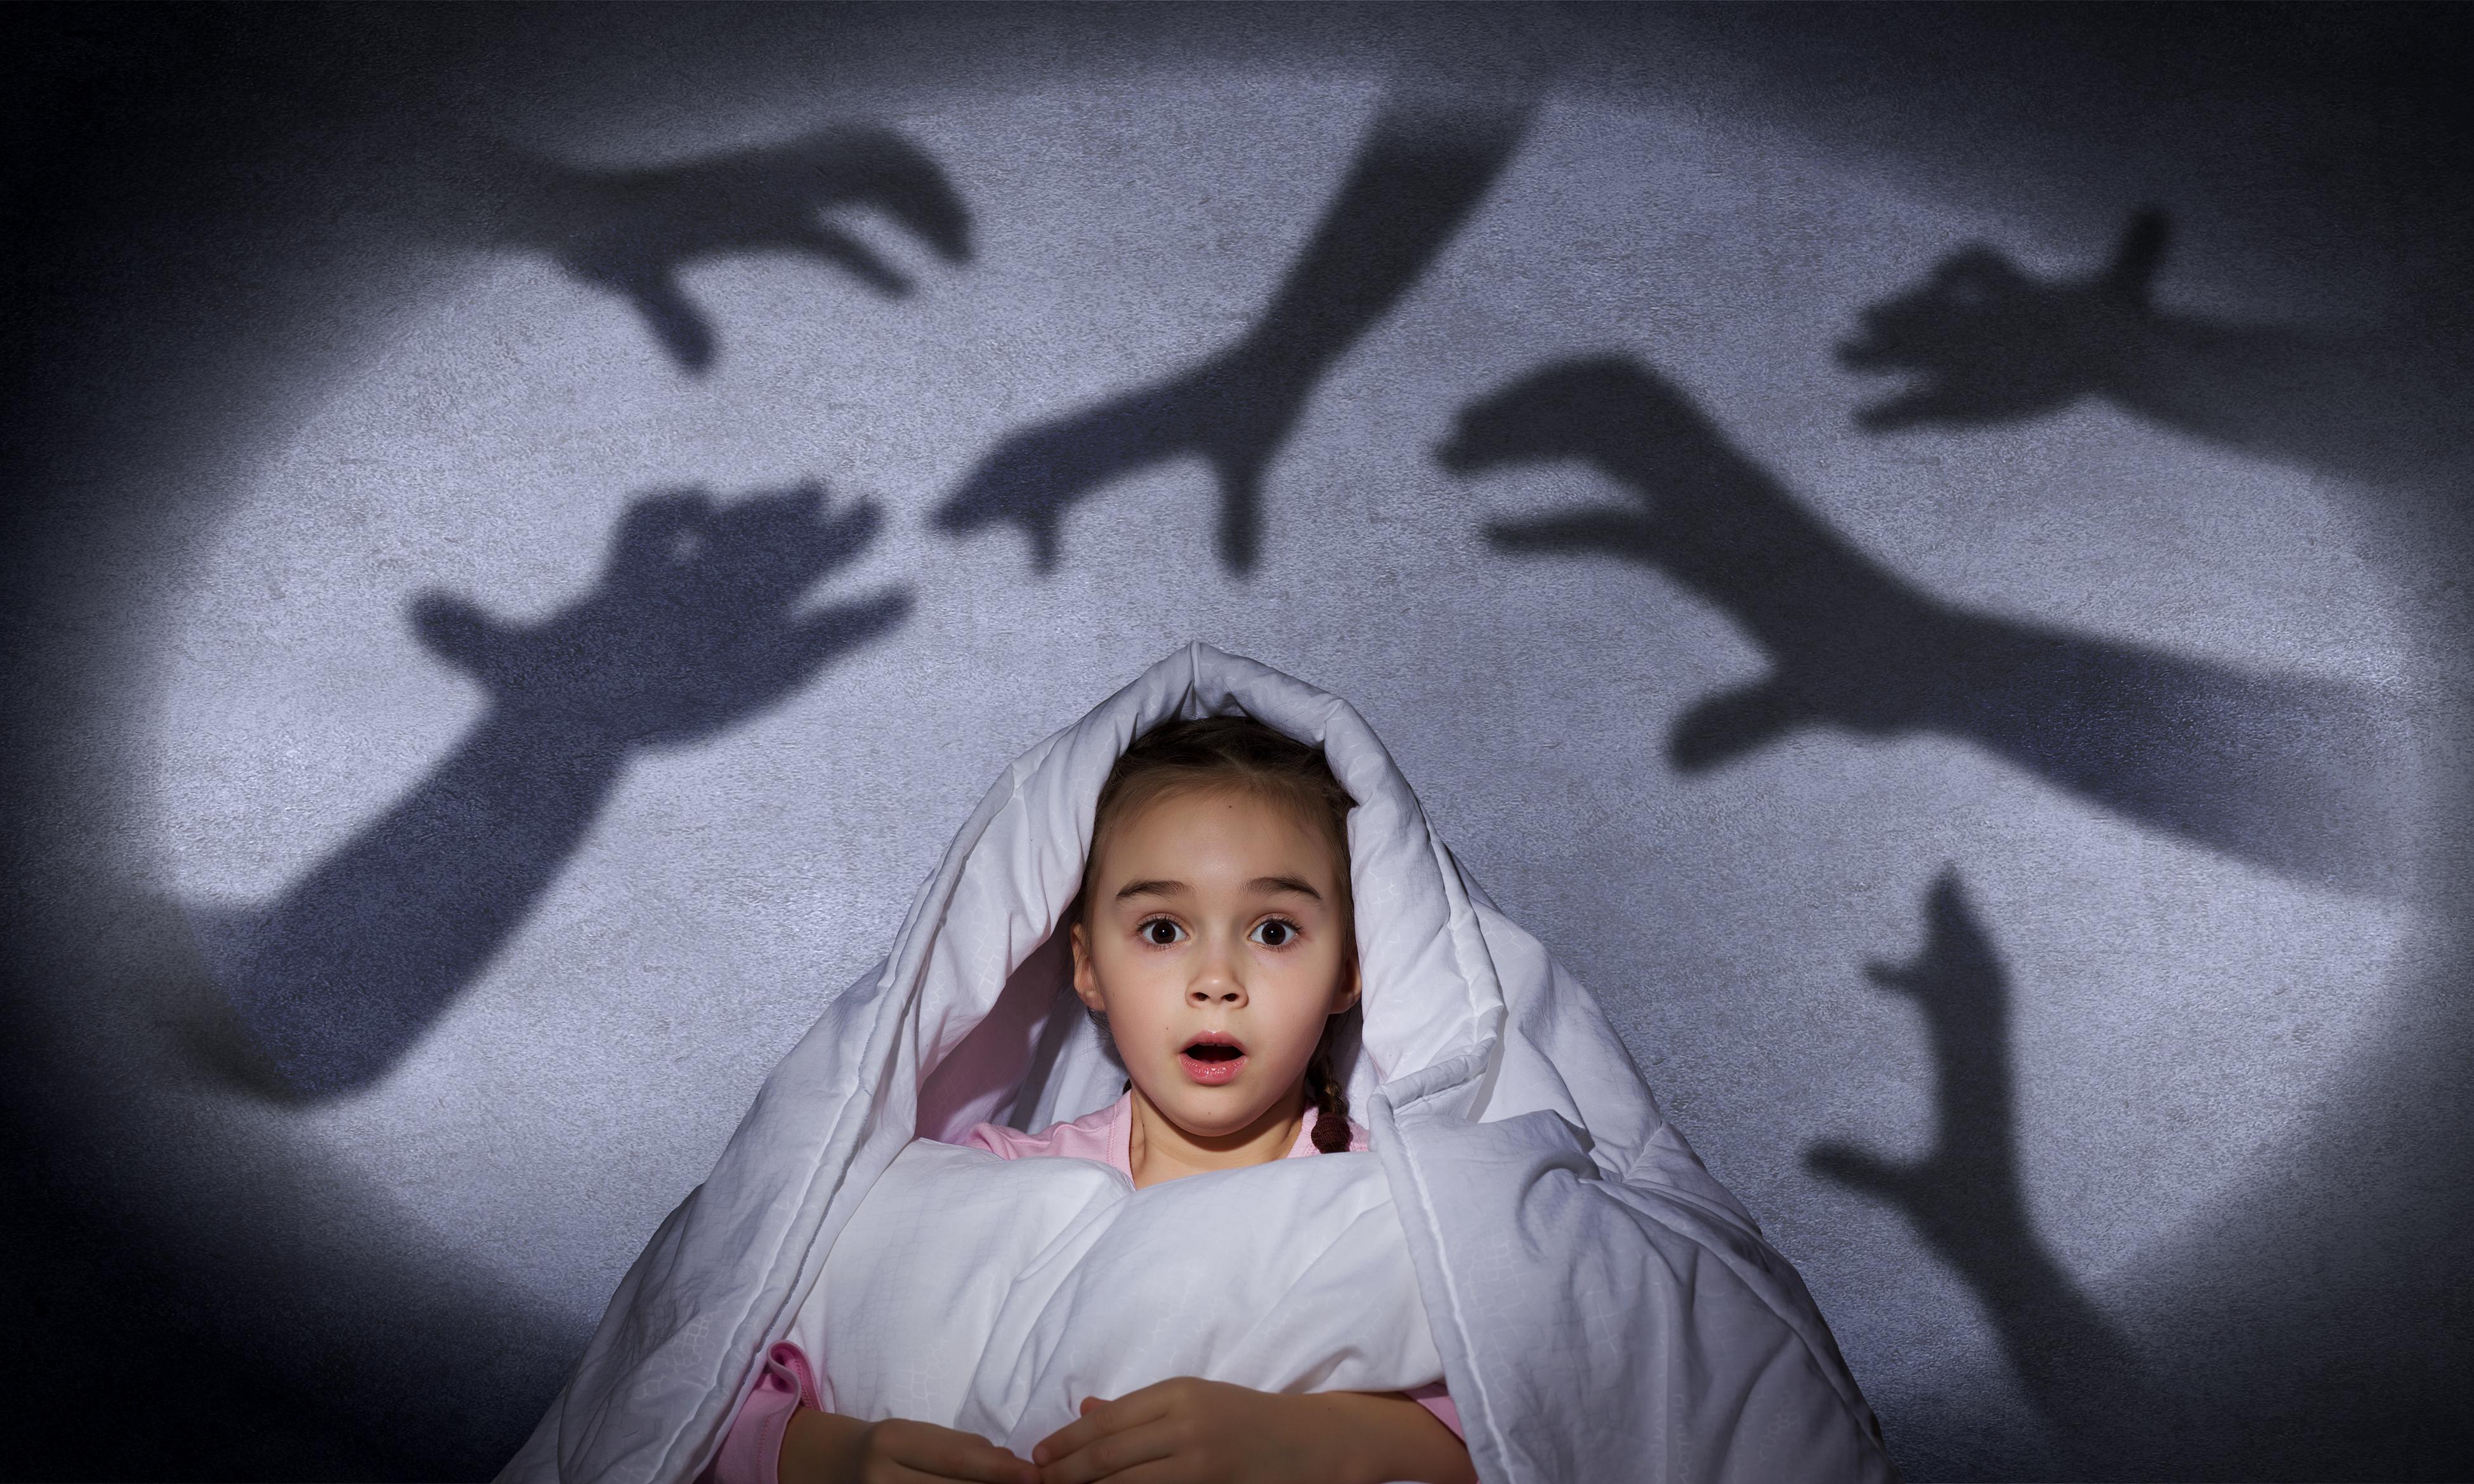 Ребенку снятся кошмары: о чем сигналят плохие сны